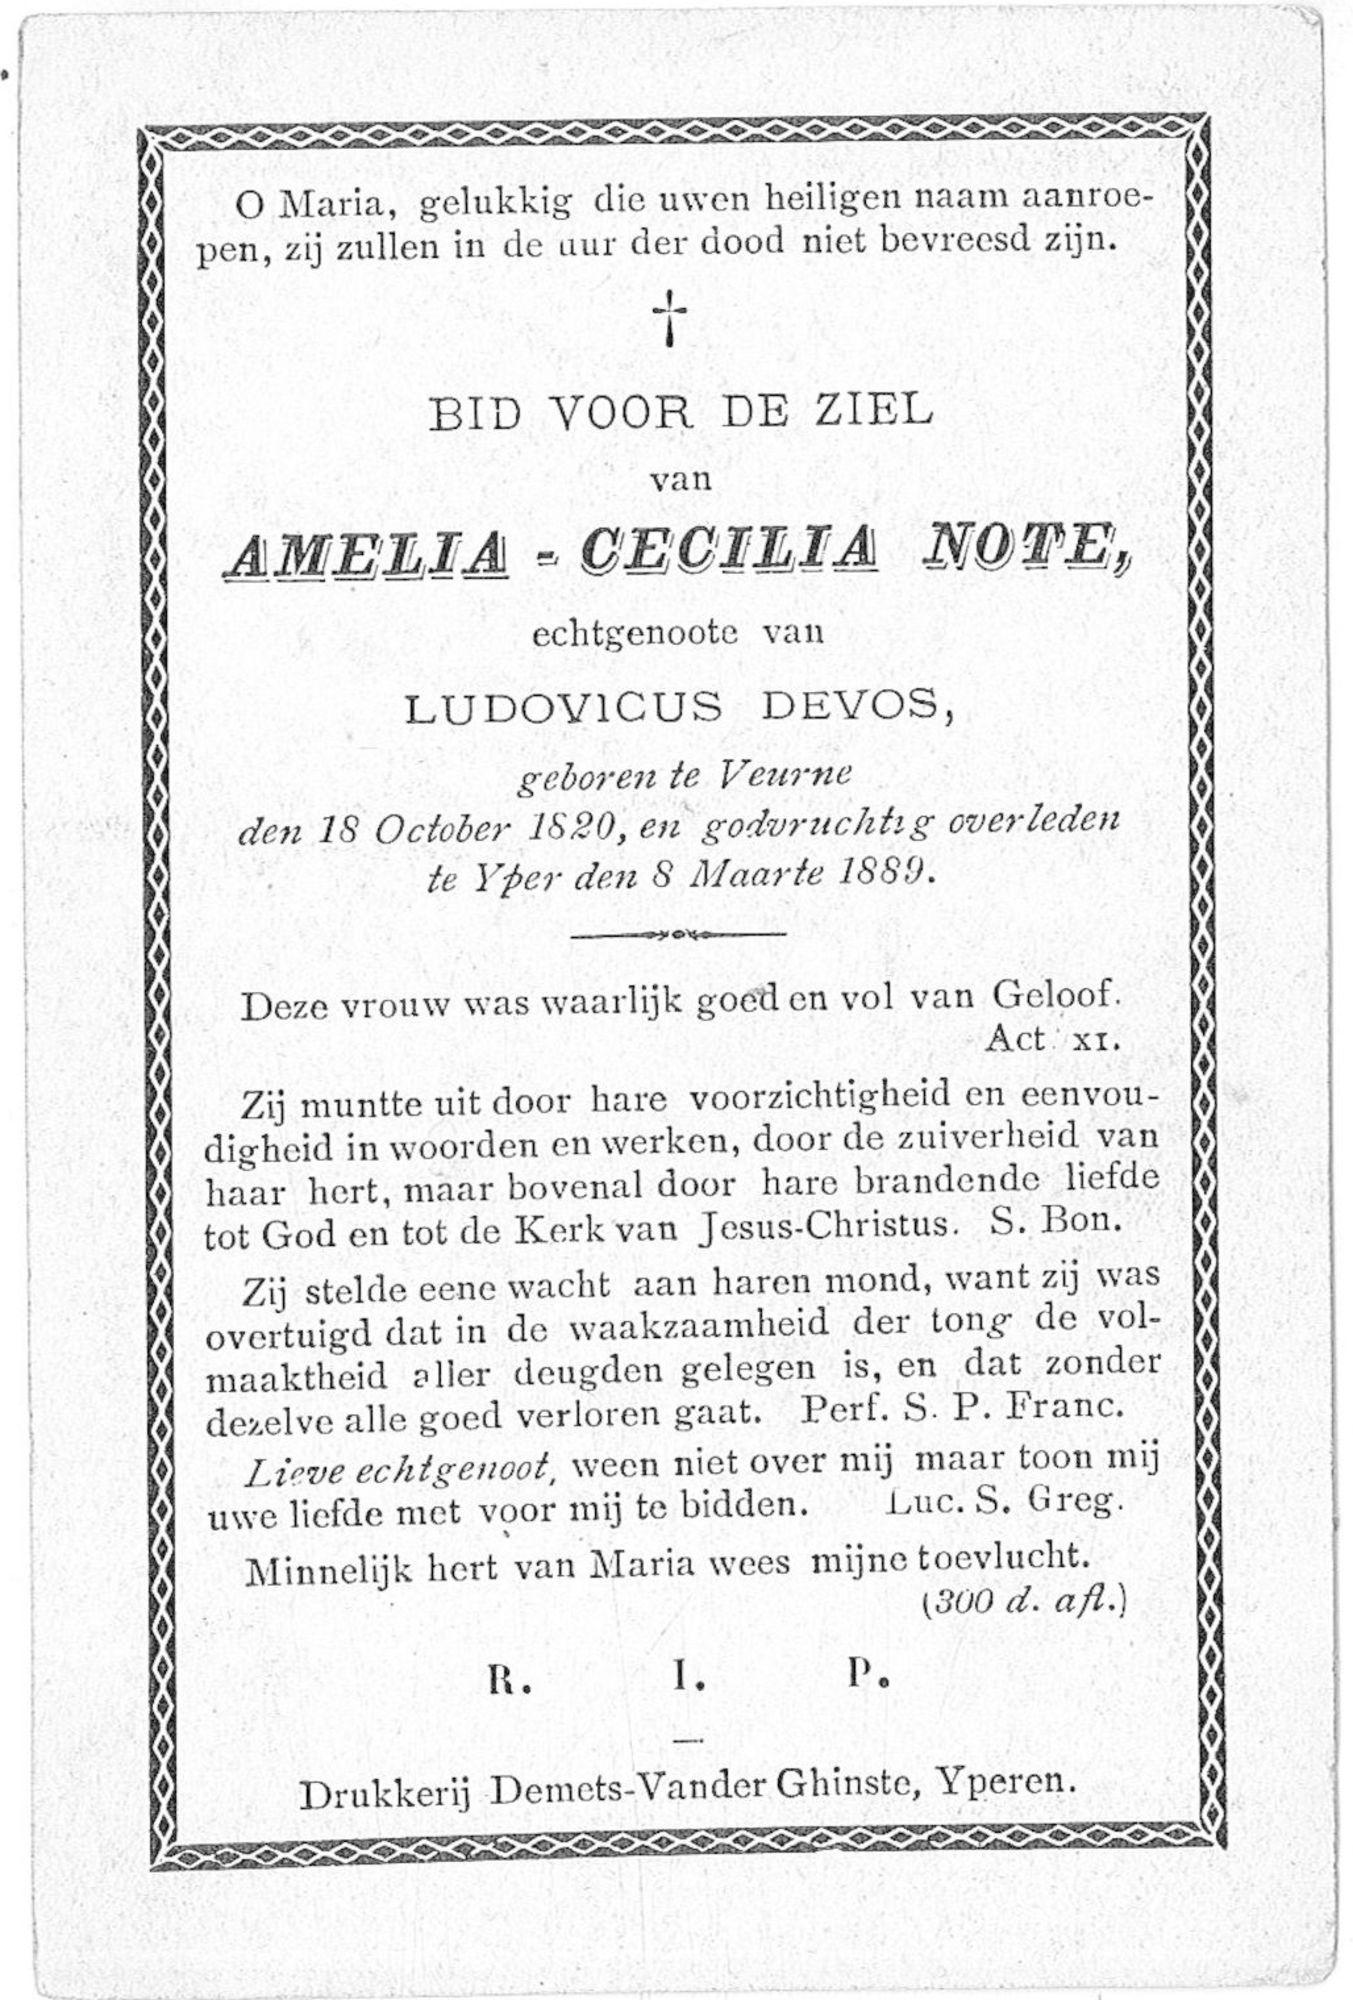 Amelia-Cecilia Note